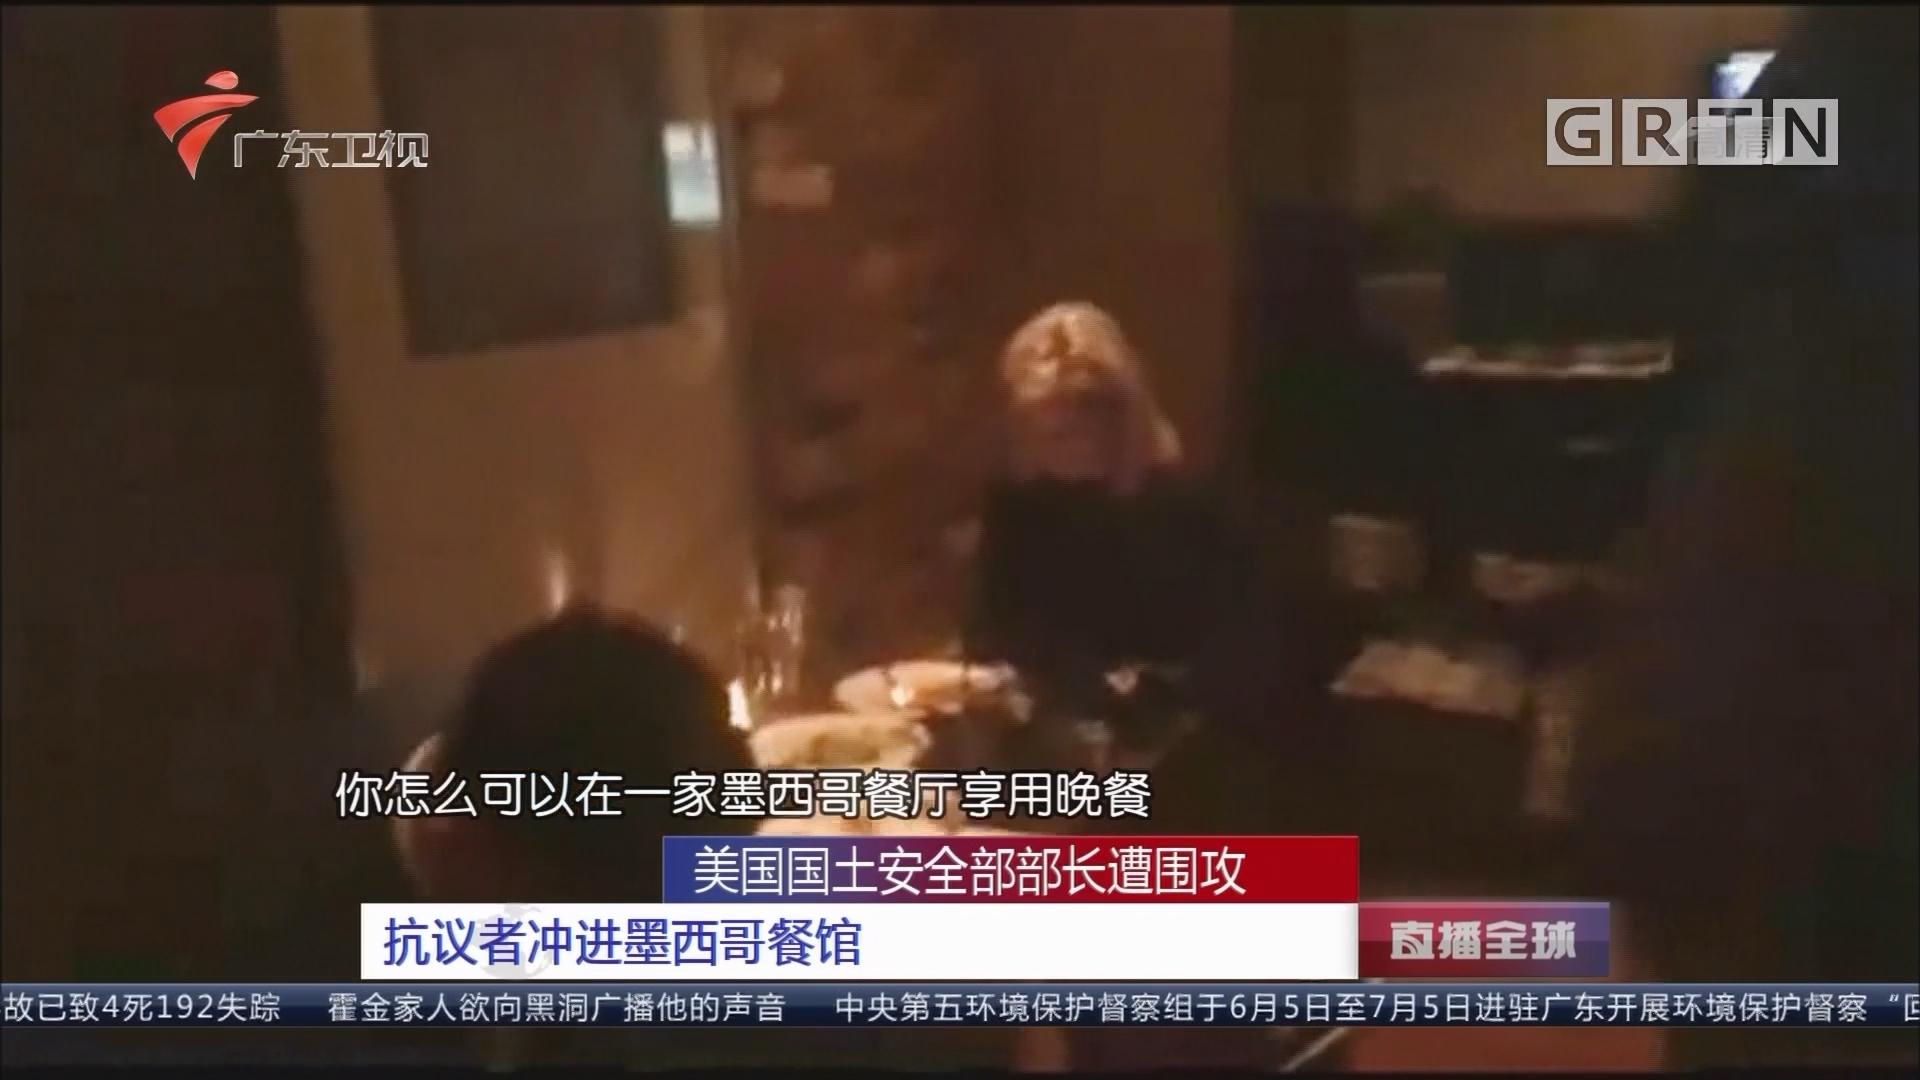 美国国土安全部部长遭围攻 抗议者冲进墨西哥餐馆